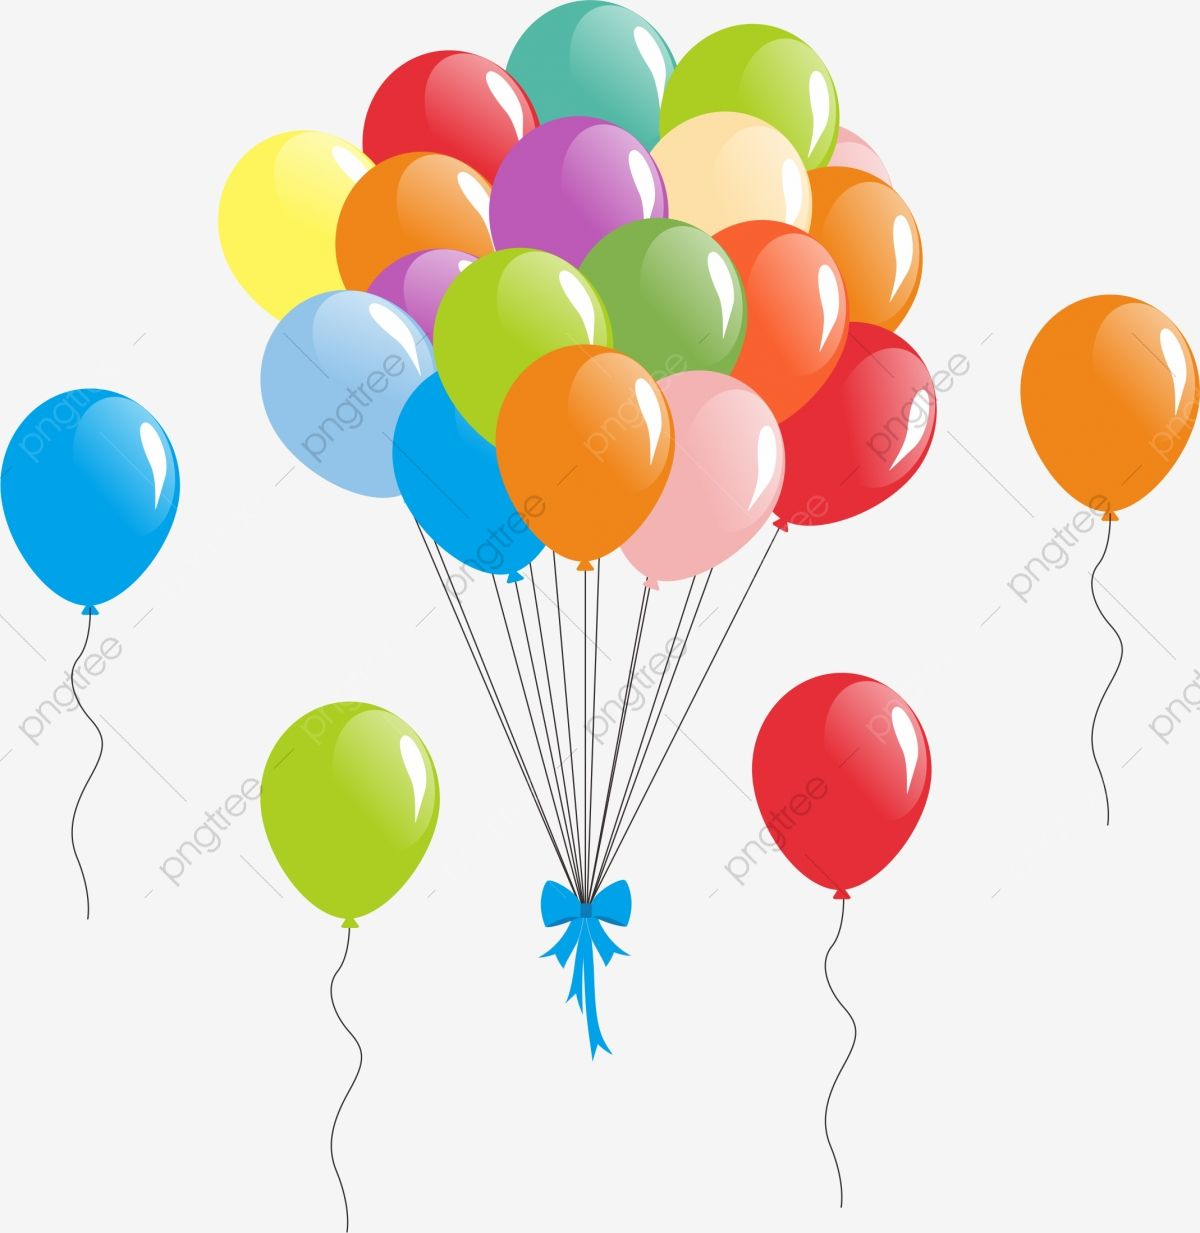 Aniversario Do Festival Dos Desenhos Animados Clipart De Baloes De Aniversario Balao Um Monte De Baloes Imagem Png E Vetor Para Download Gratuito Balloons Its A Boy Balloons Balloon Design For